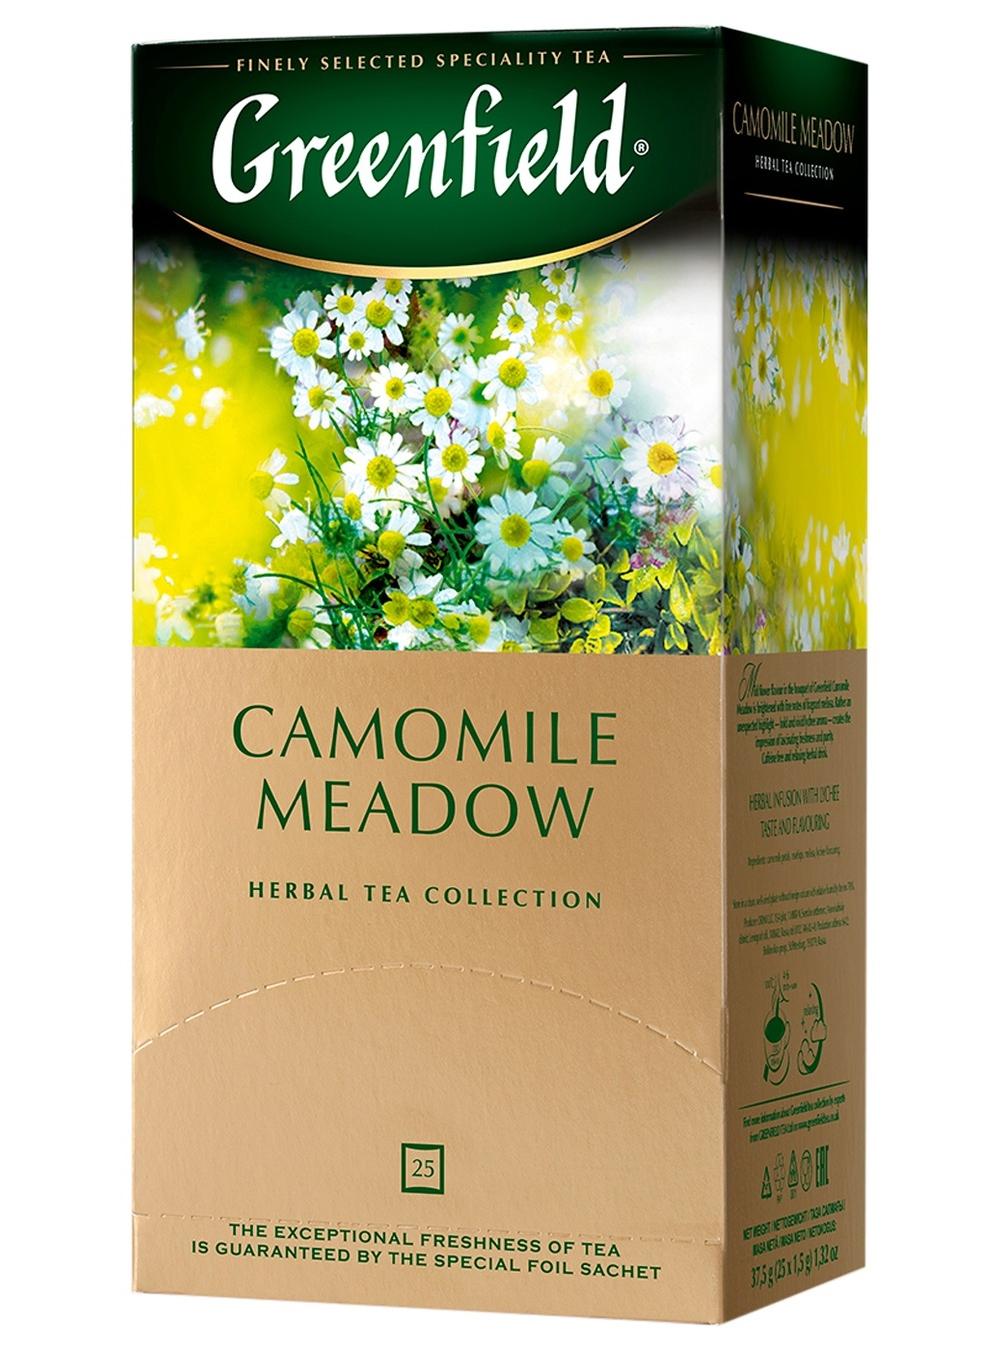 Чай травяной Camomile Meadow 100пак. по 2гр., термосаше, в пакете Greenfield - фото 1